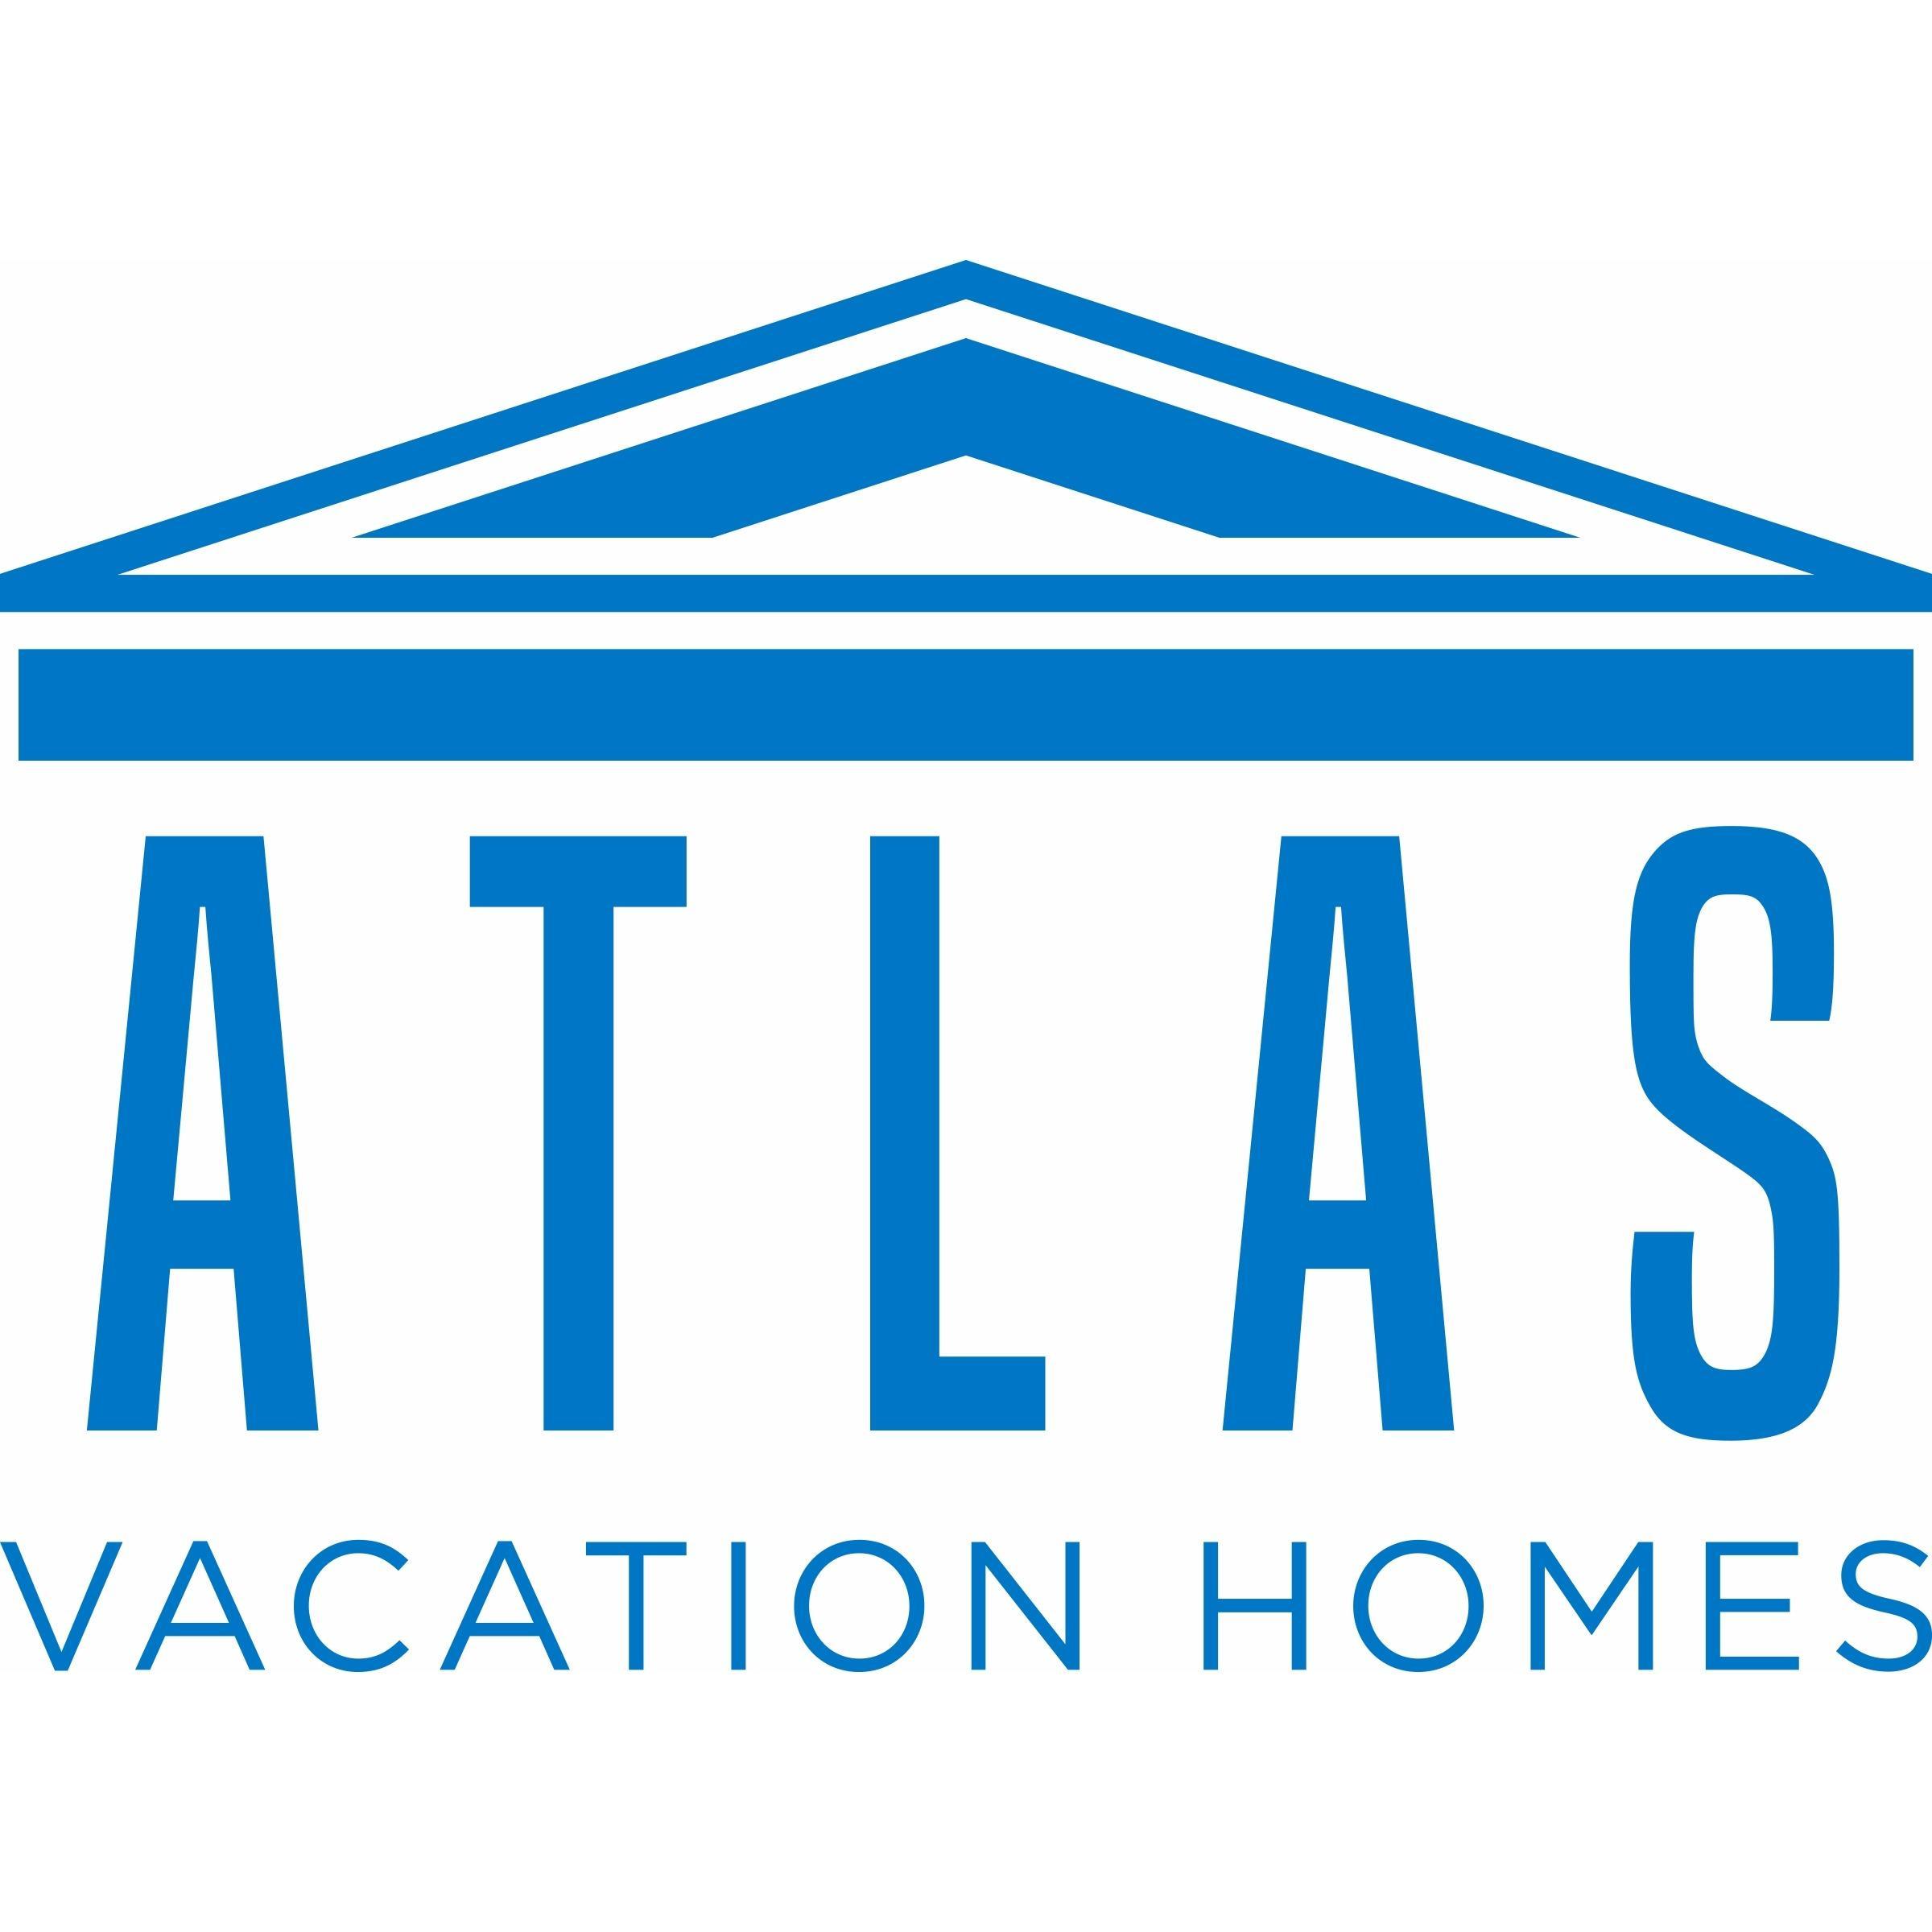 Atlas Vacation Homes - Celebration, FL 34747 - (407)964-1245 | ShowMeLocal.com